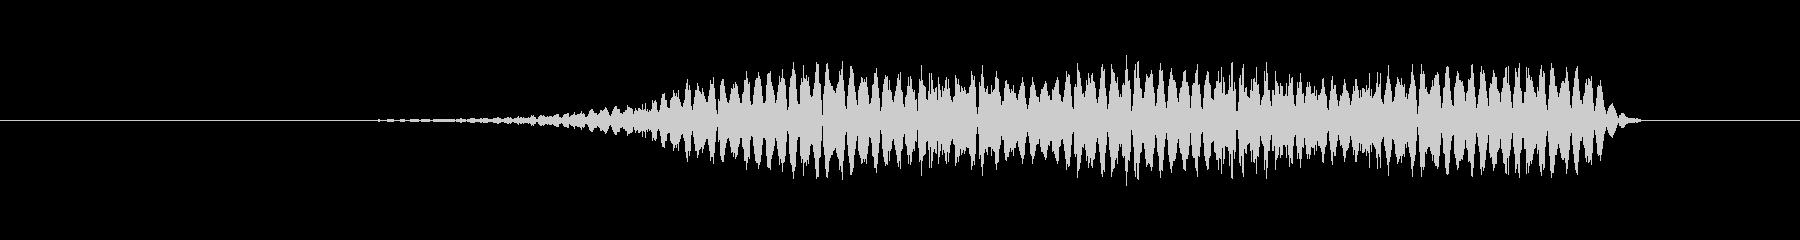 特撮 インターフェースビープ01の未再生の波形